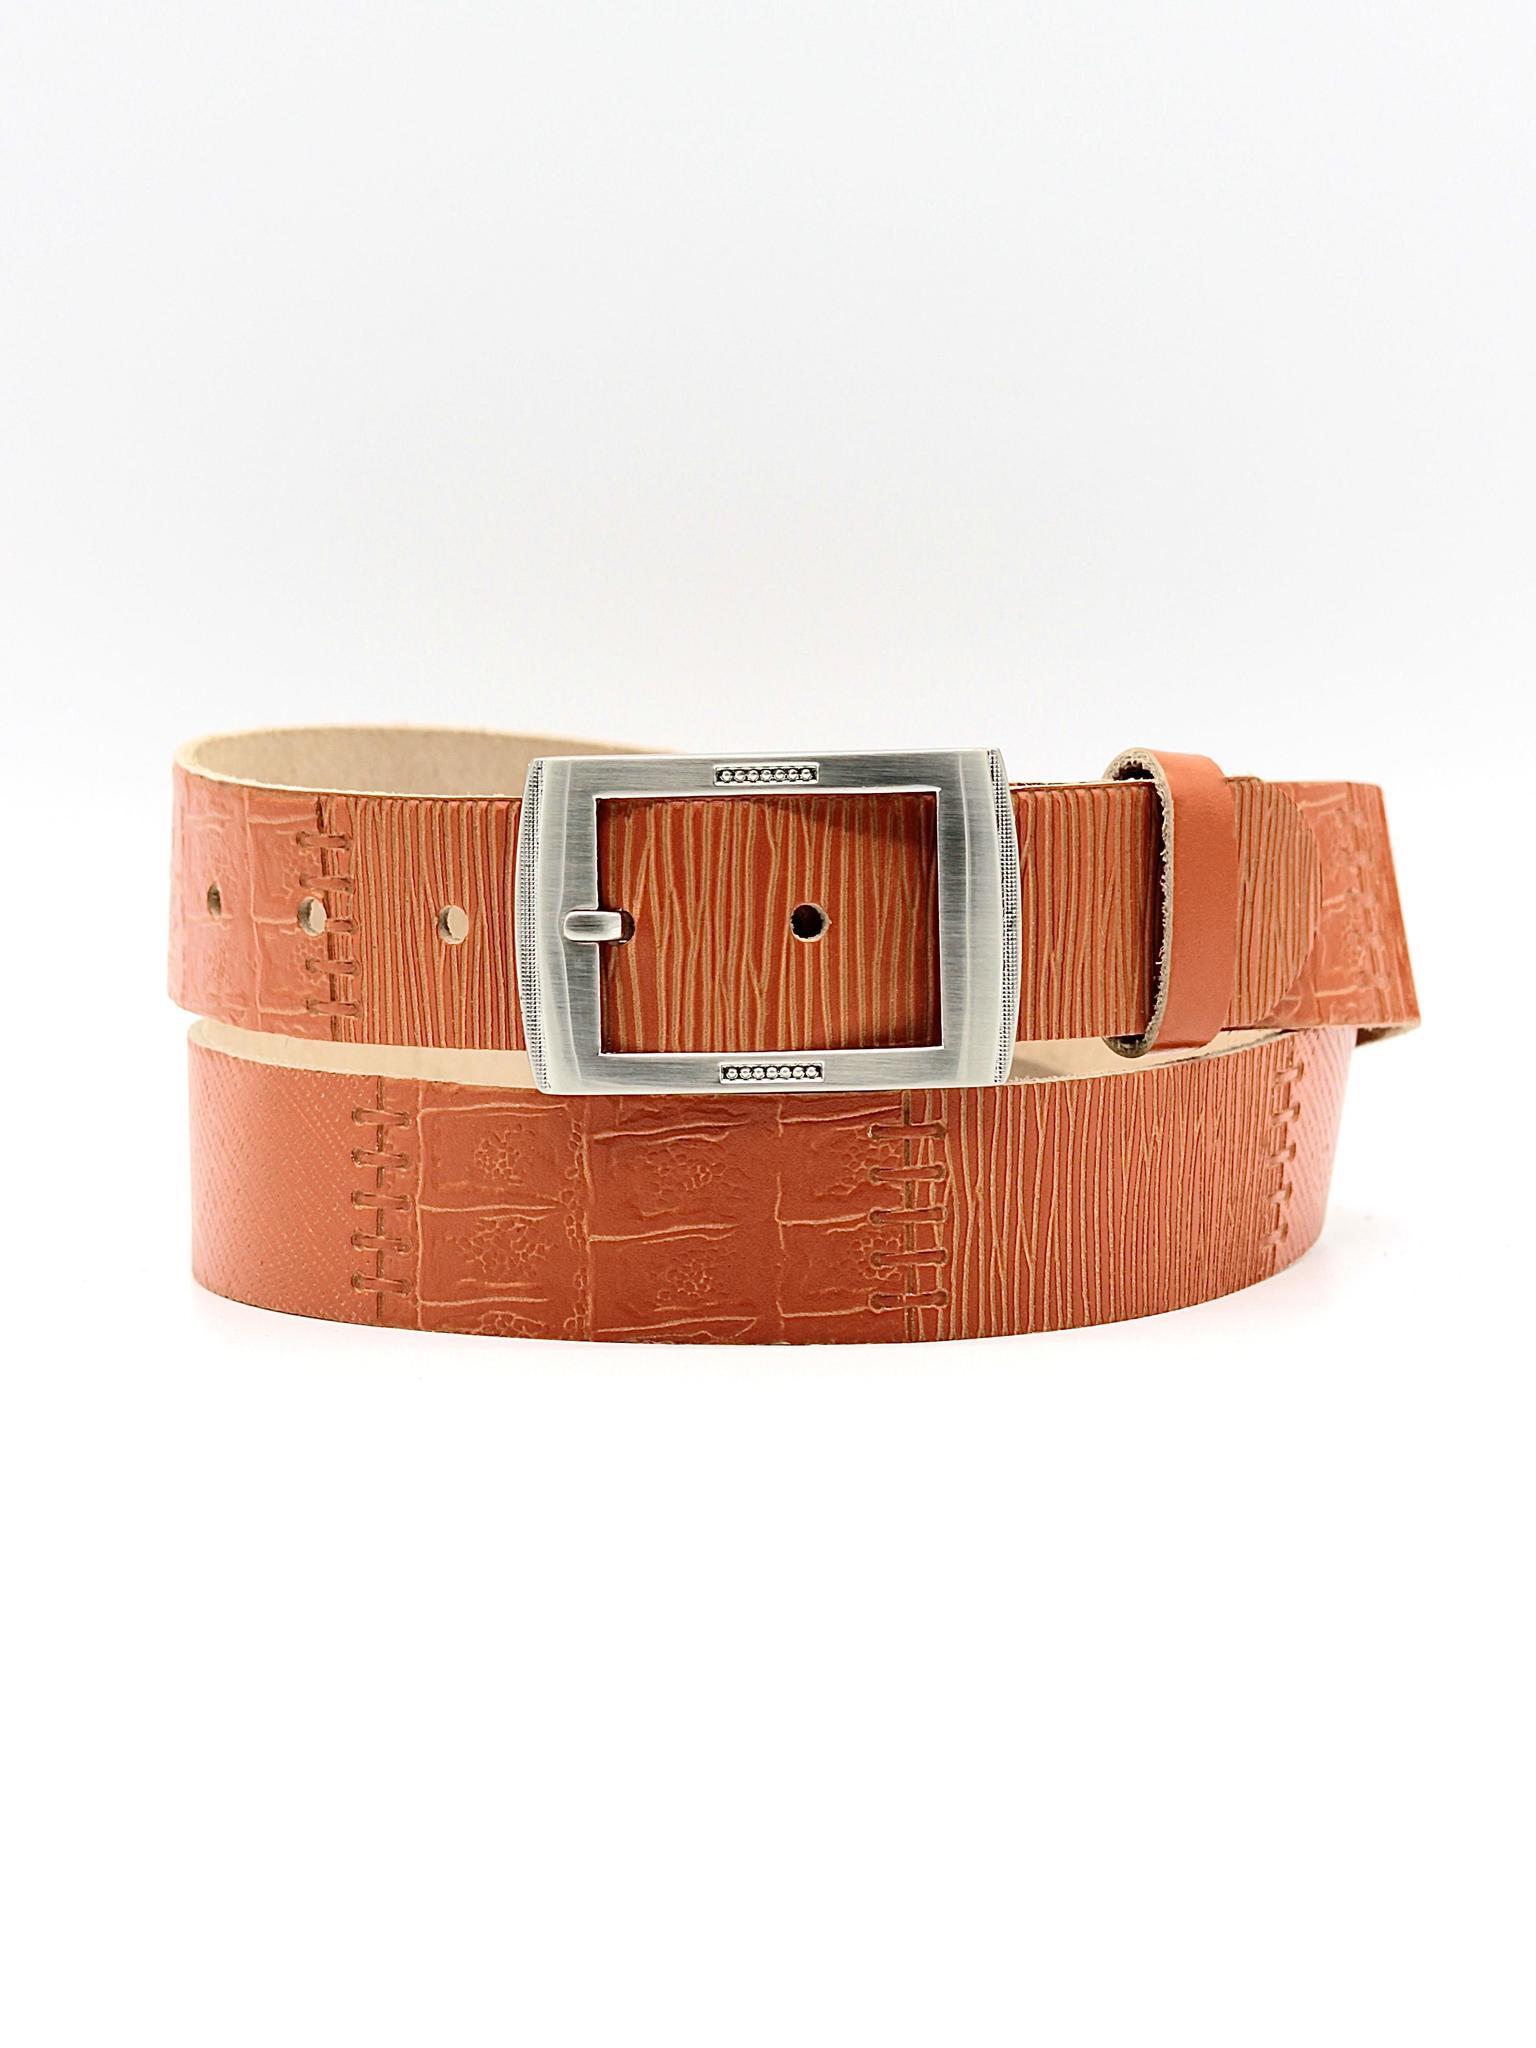 Женский кожаный оранжевый ремень 35 мм Coscet WW35-1-3